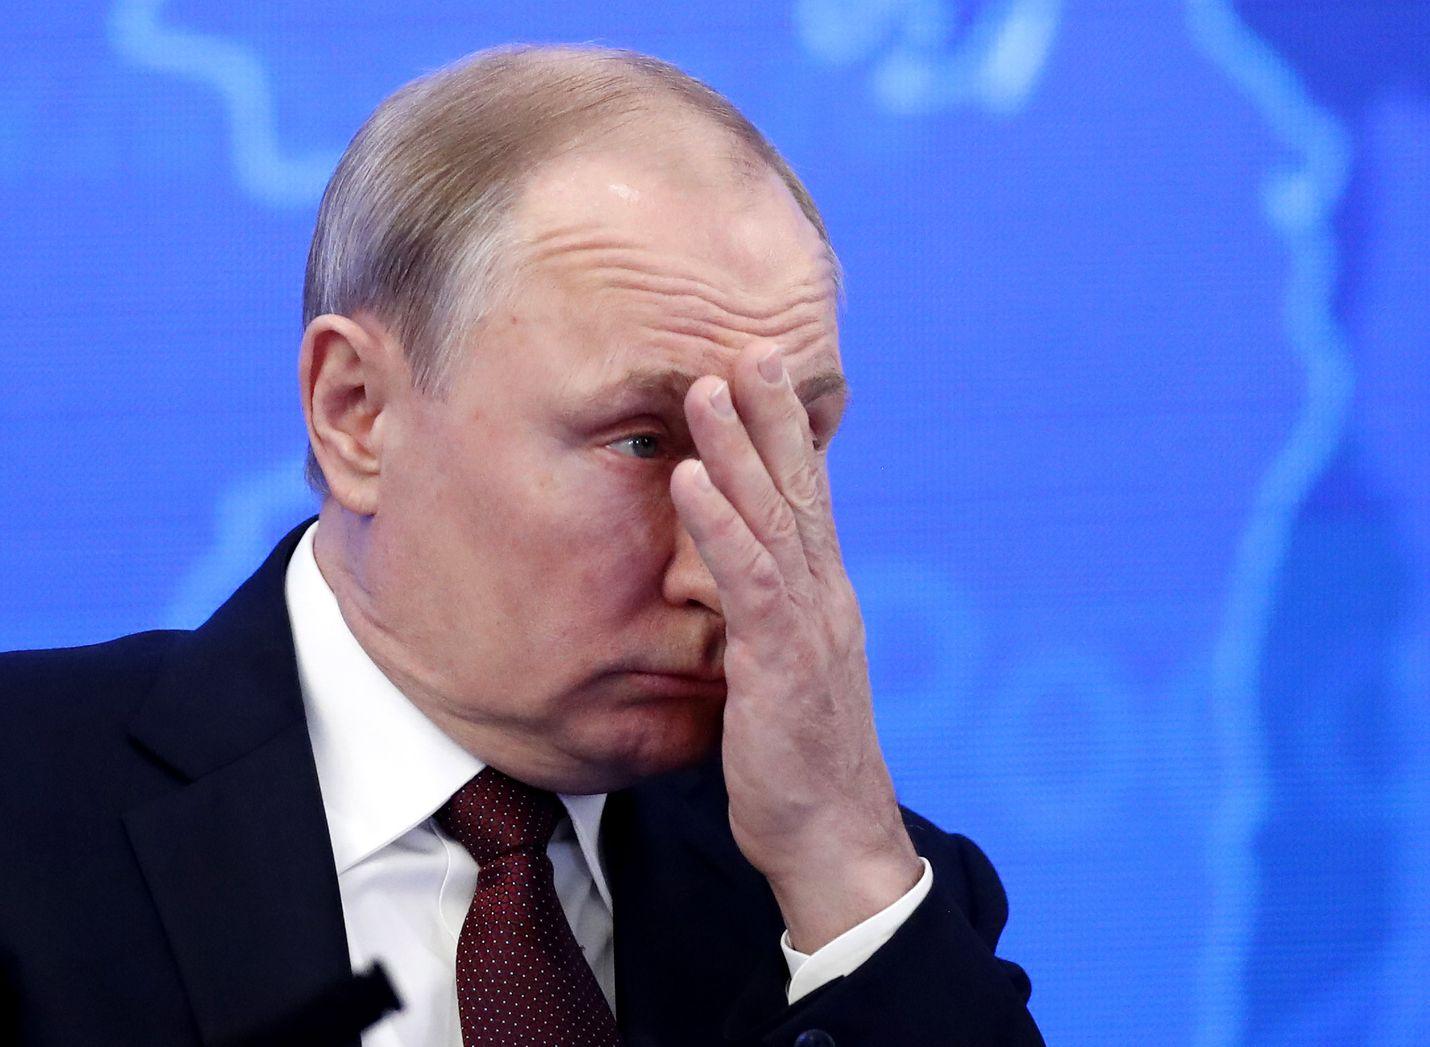 Venäläisten luottamus Putinia kohtaan oli huipussaan vuonna 2015, jolloin presidenttiin luotti peräti 80 prosenttia kansasta.